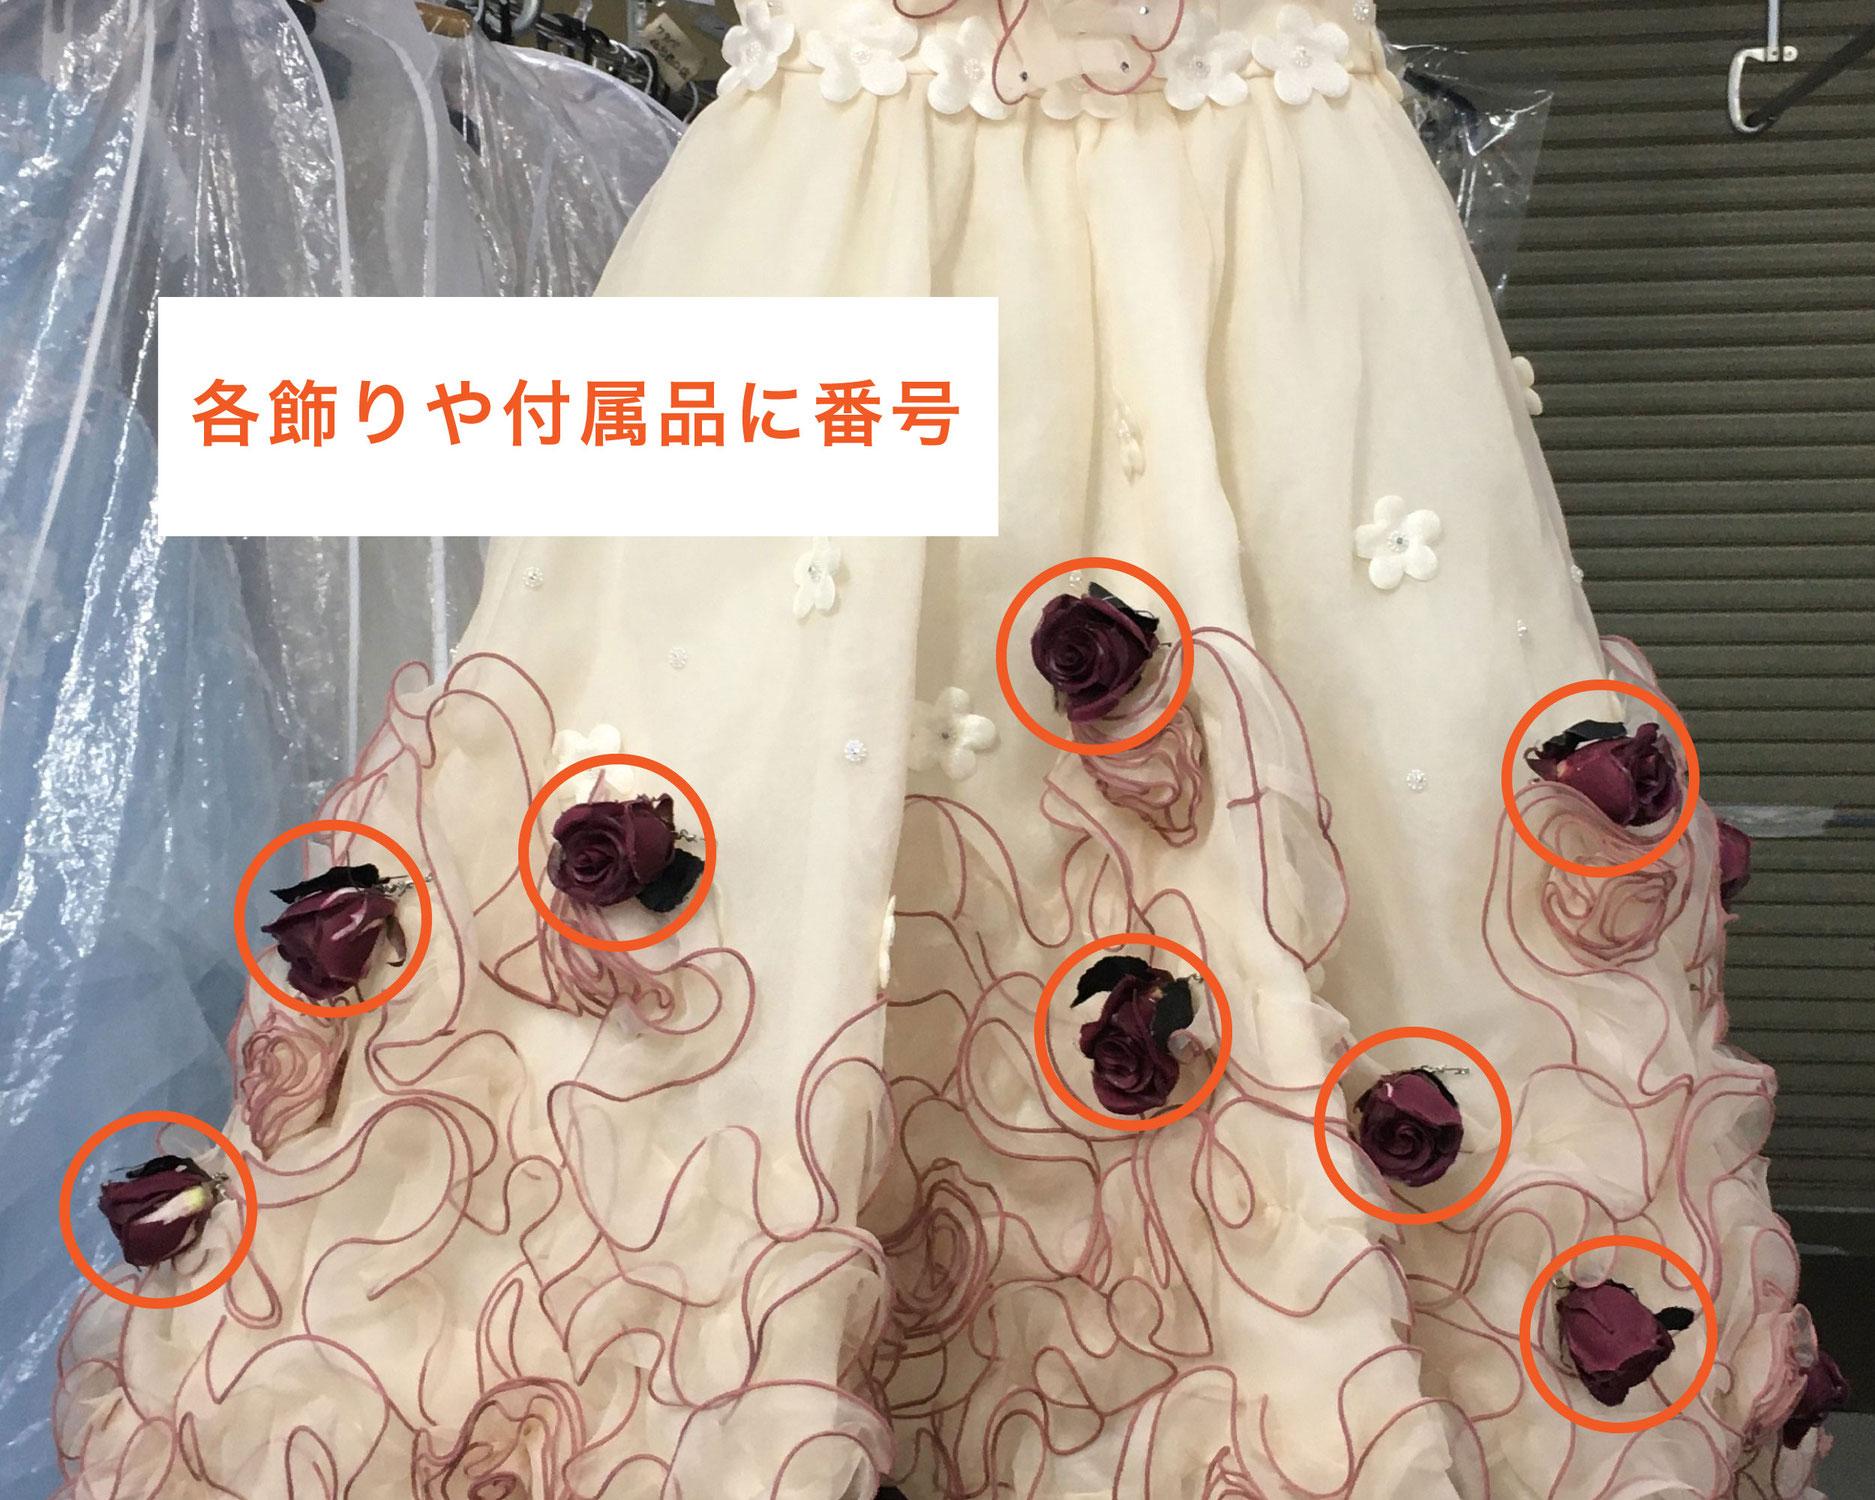 飾り付きドレス